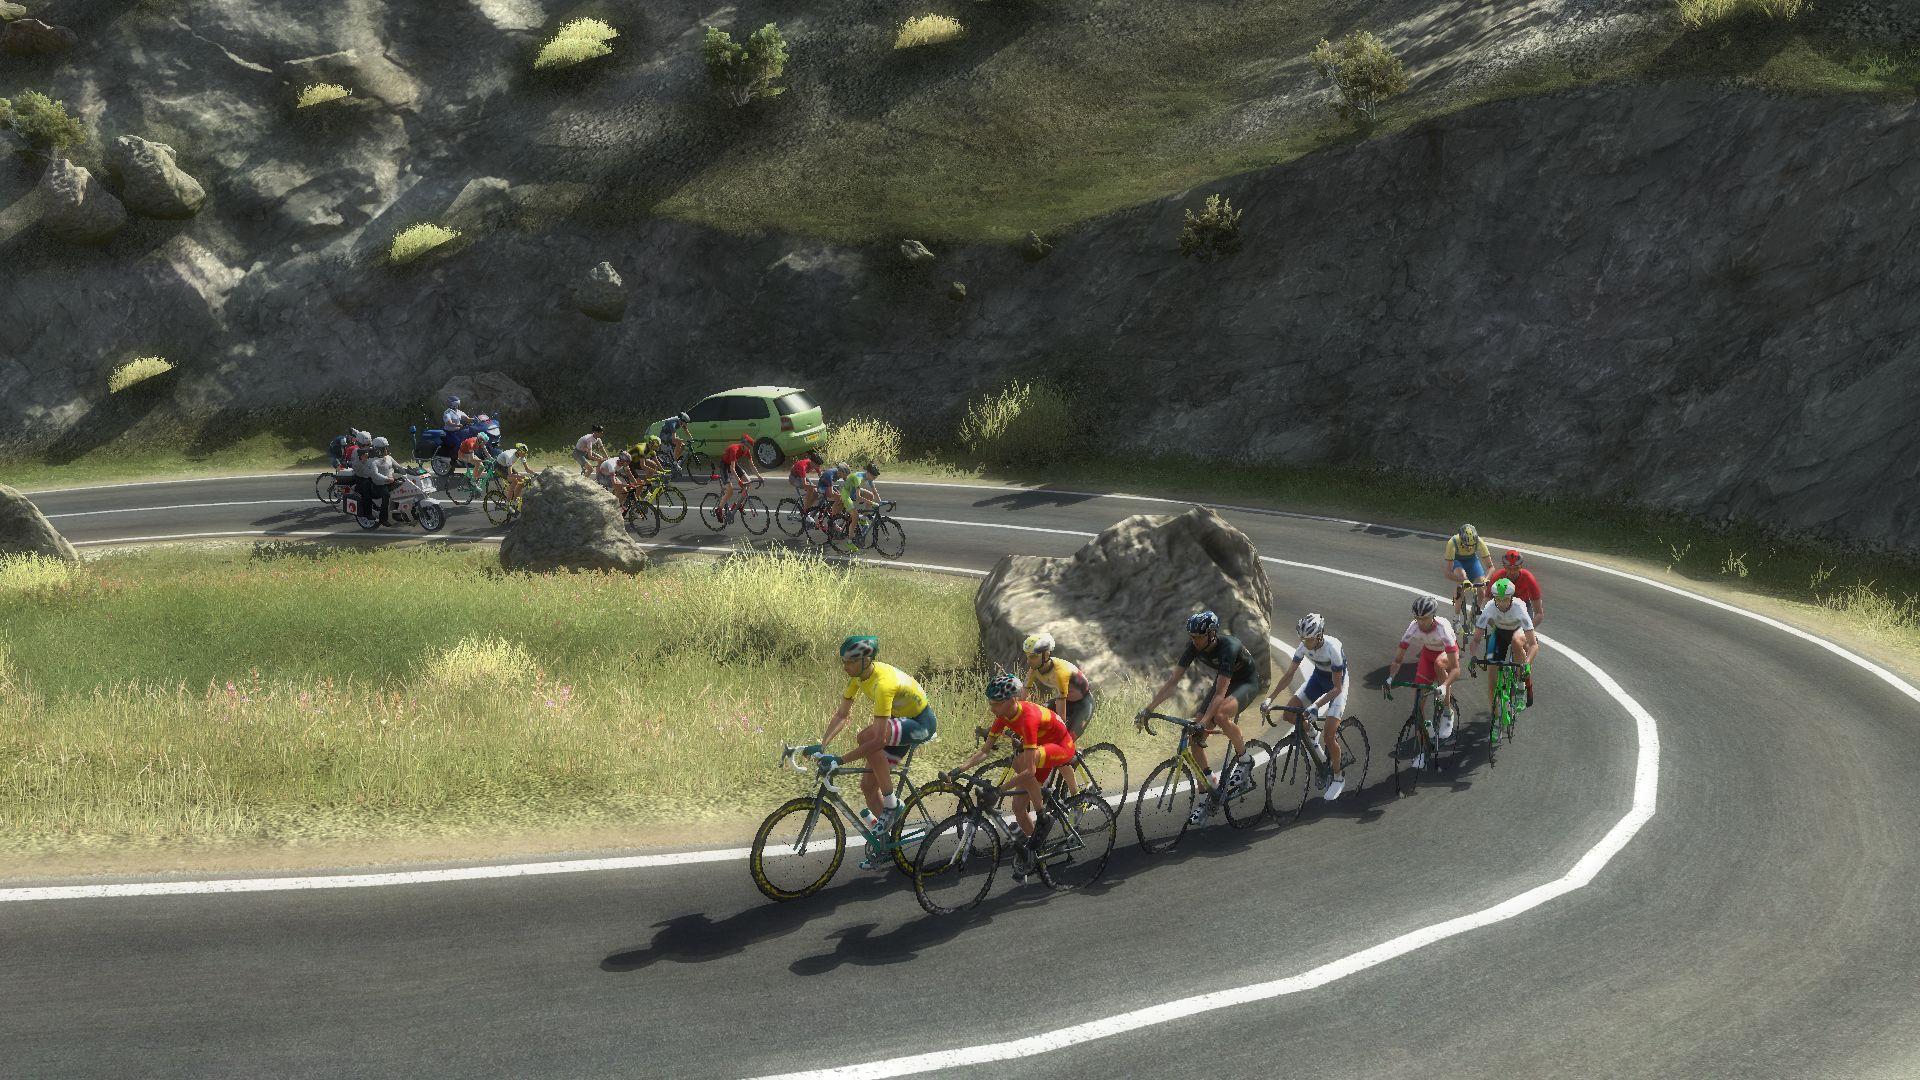 pcmdaily.com/images/mg/2020/Reports/C1/Andorra/TdAS5%2023.jpg